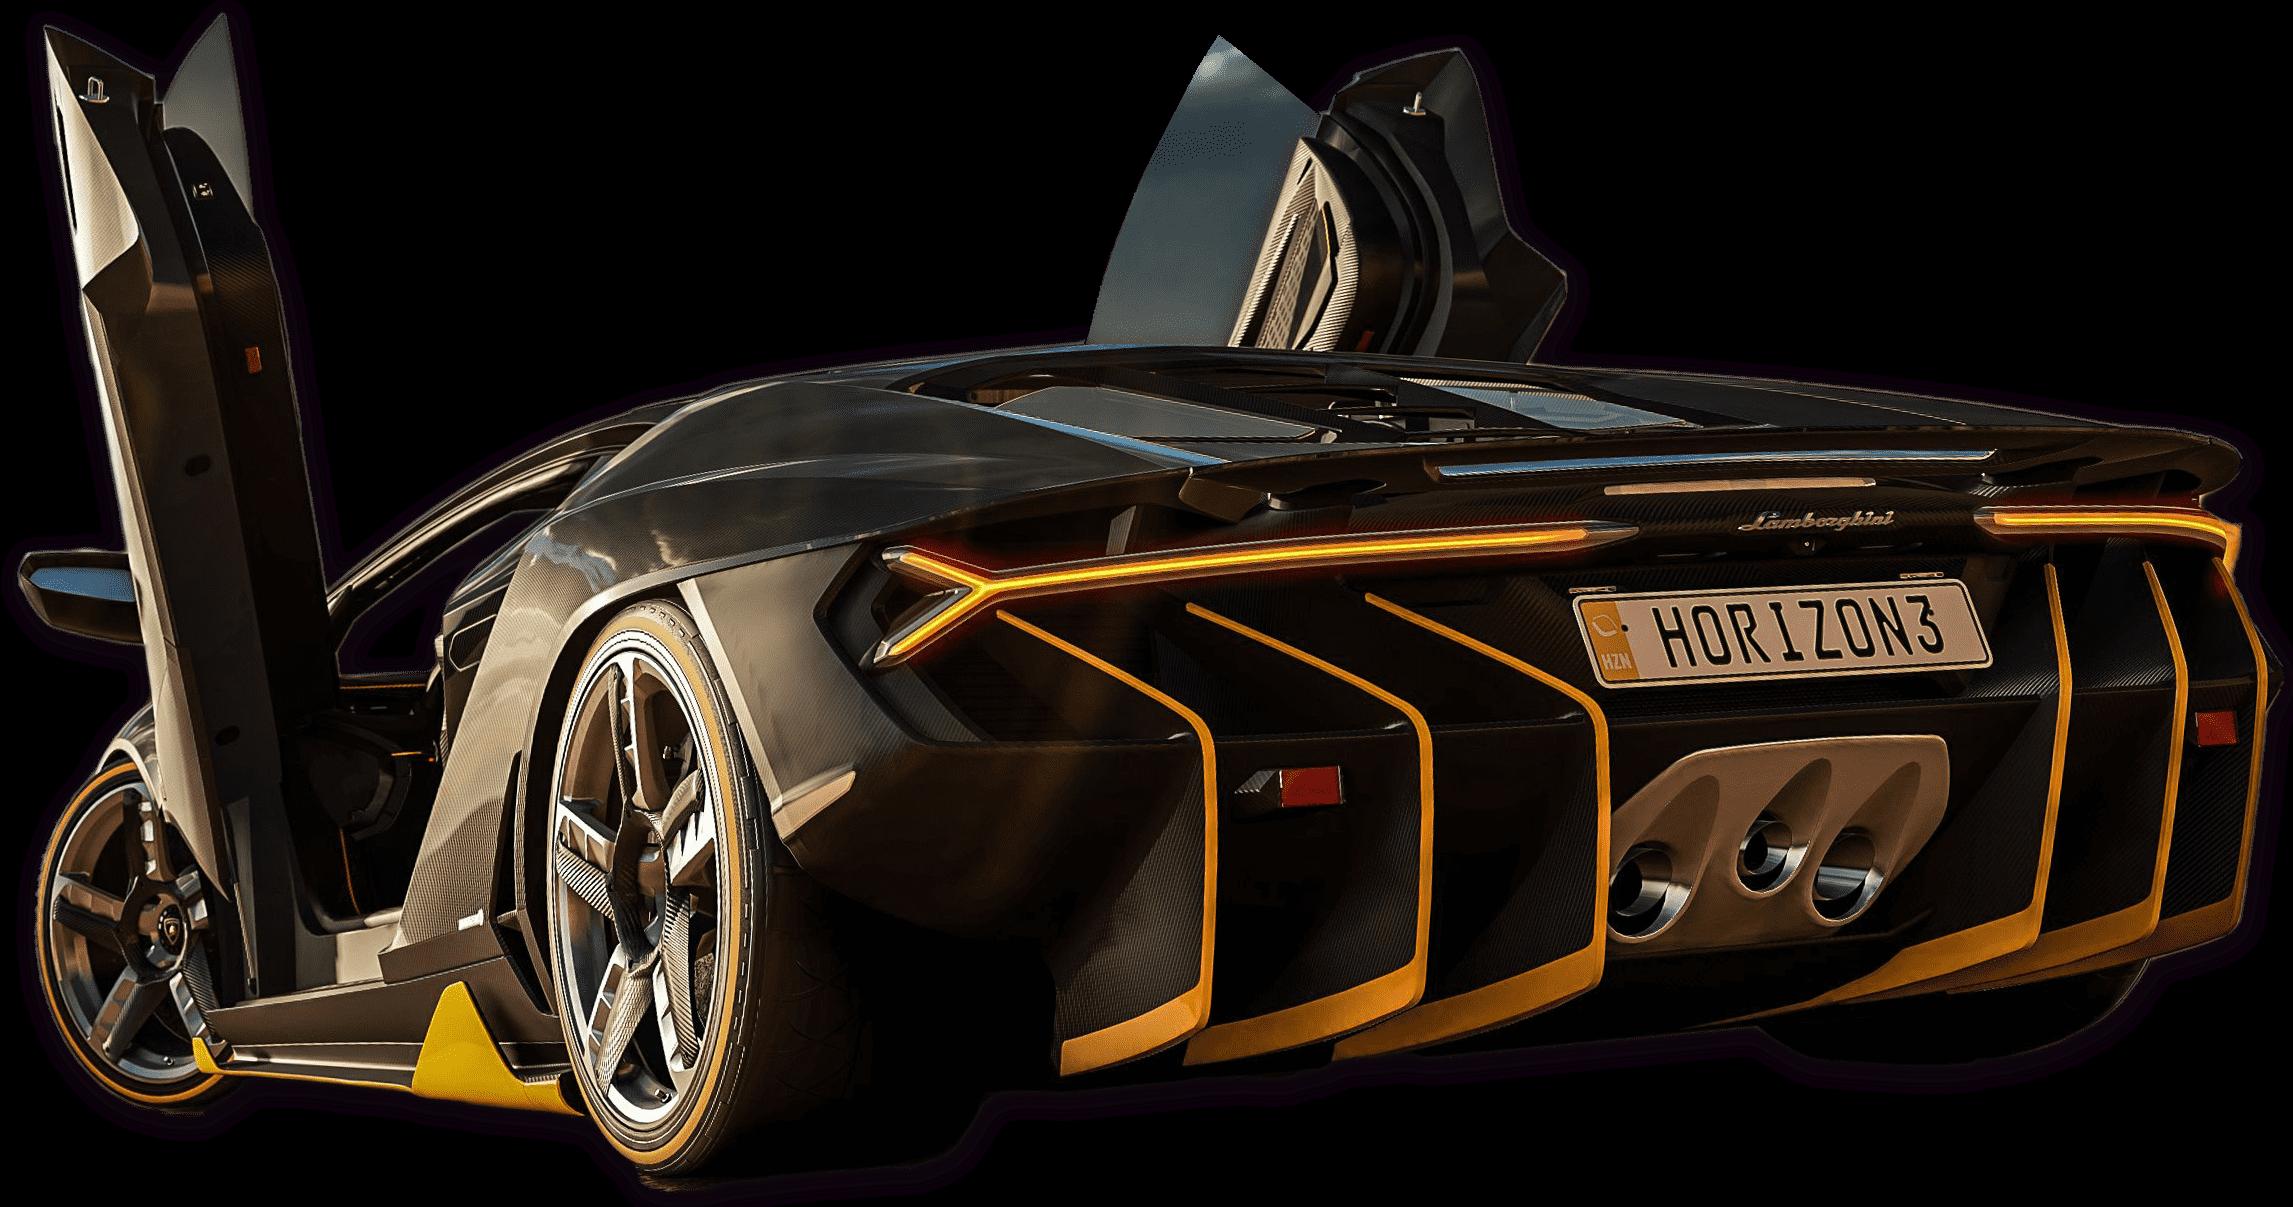 Forza-Horizon-3-